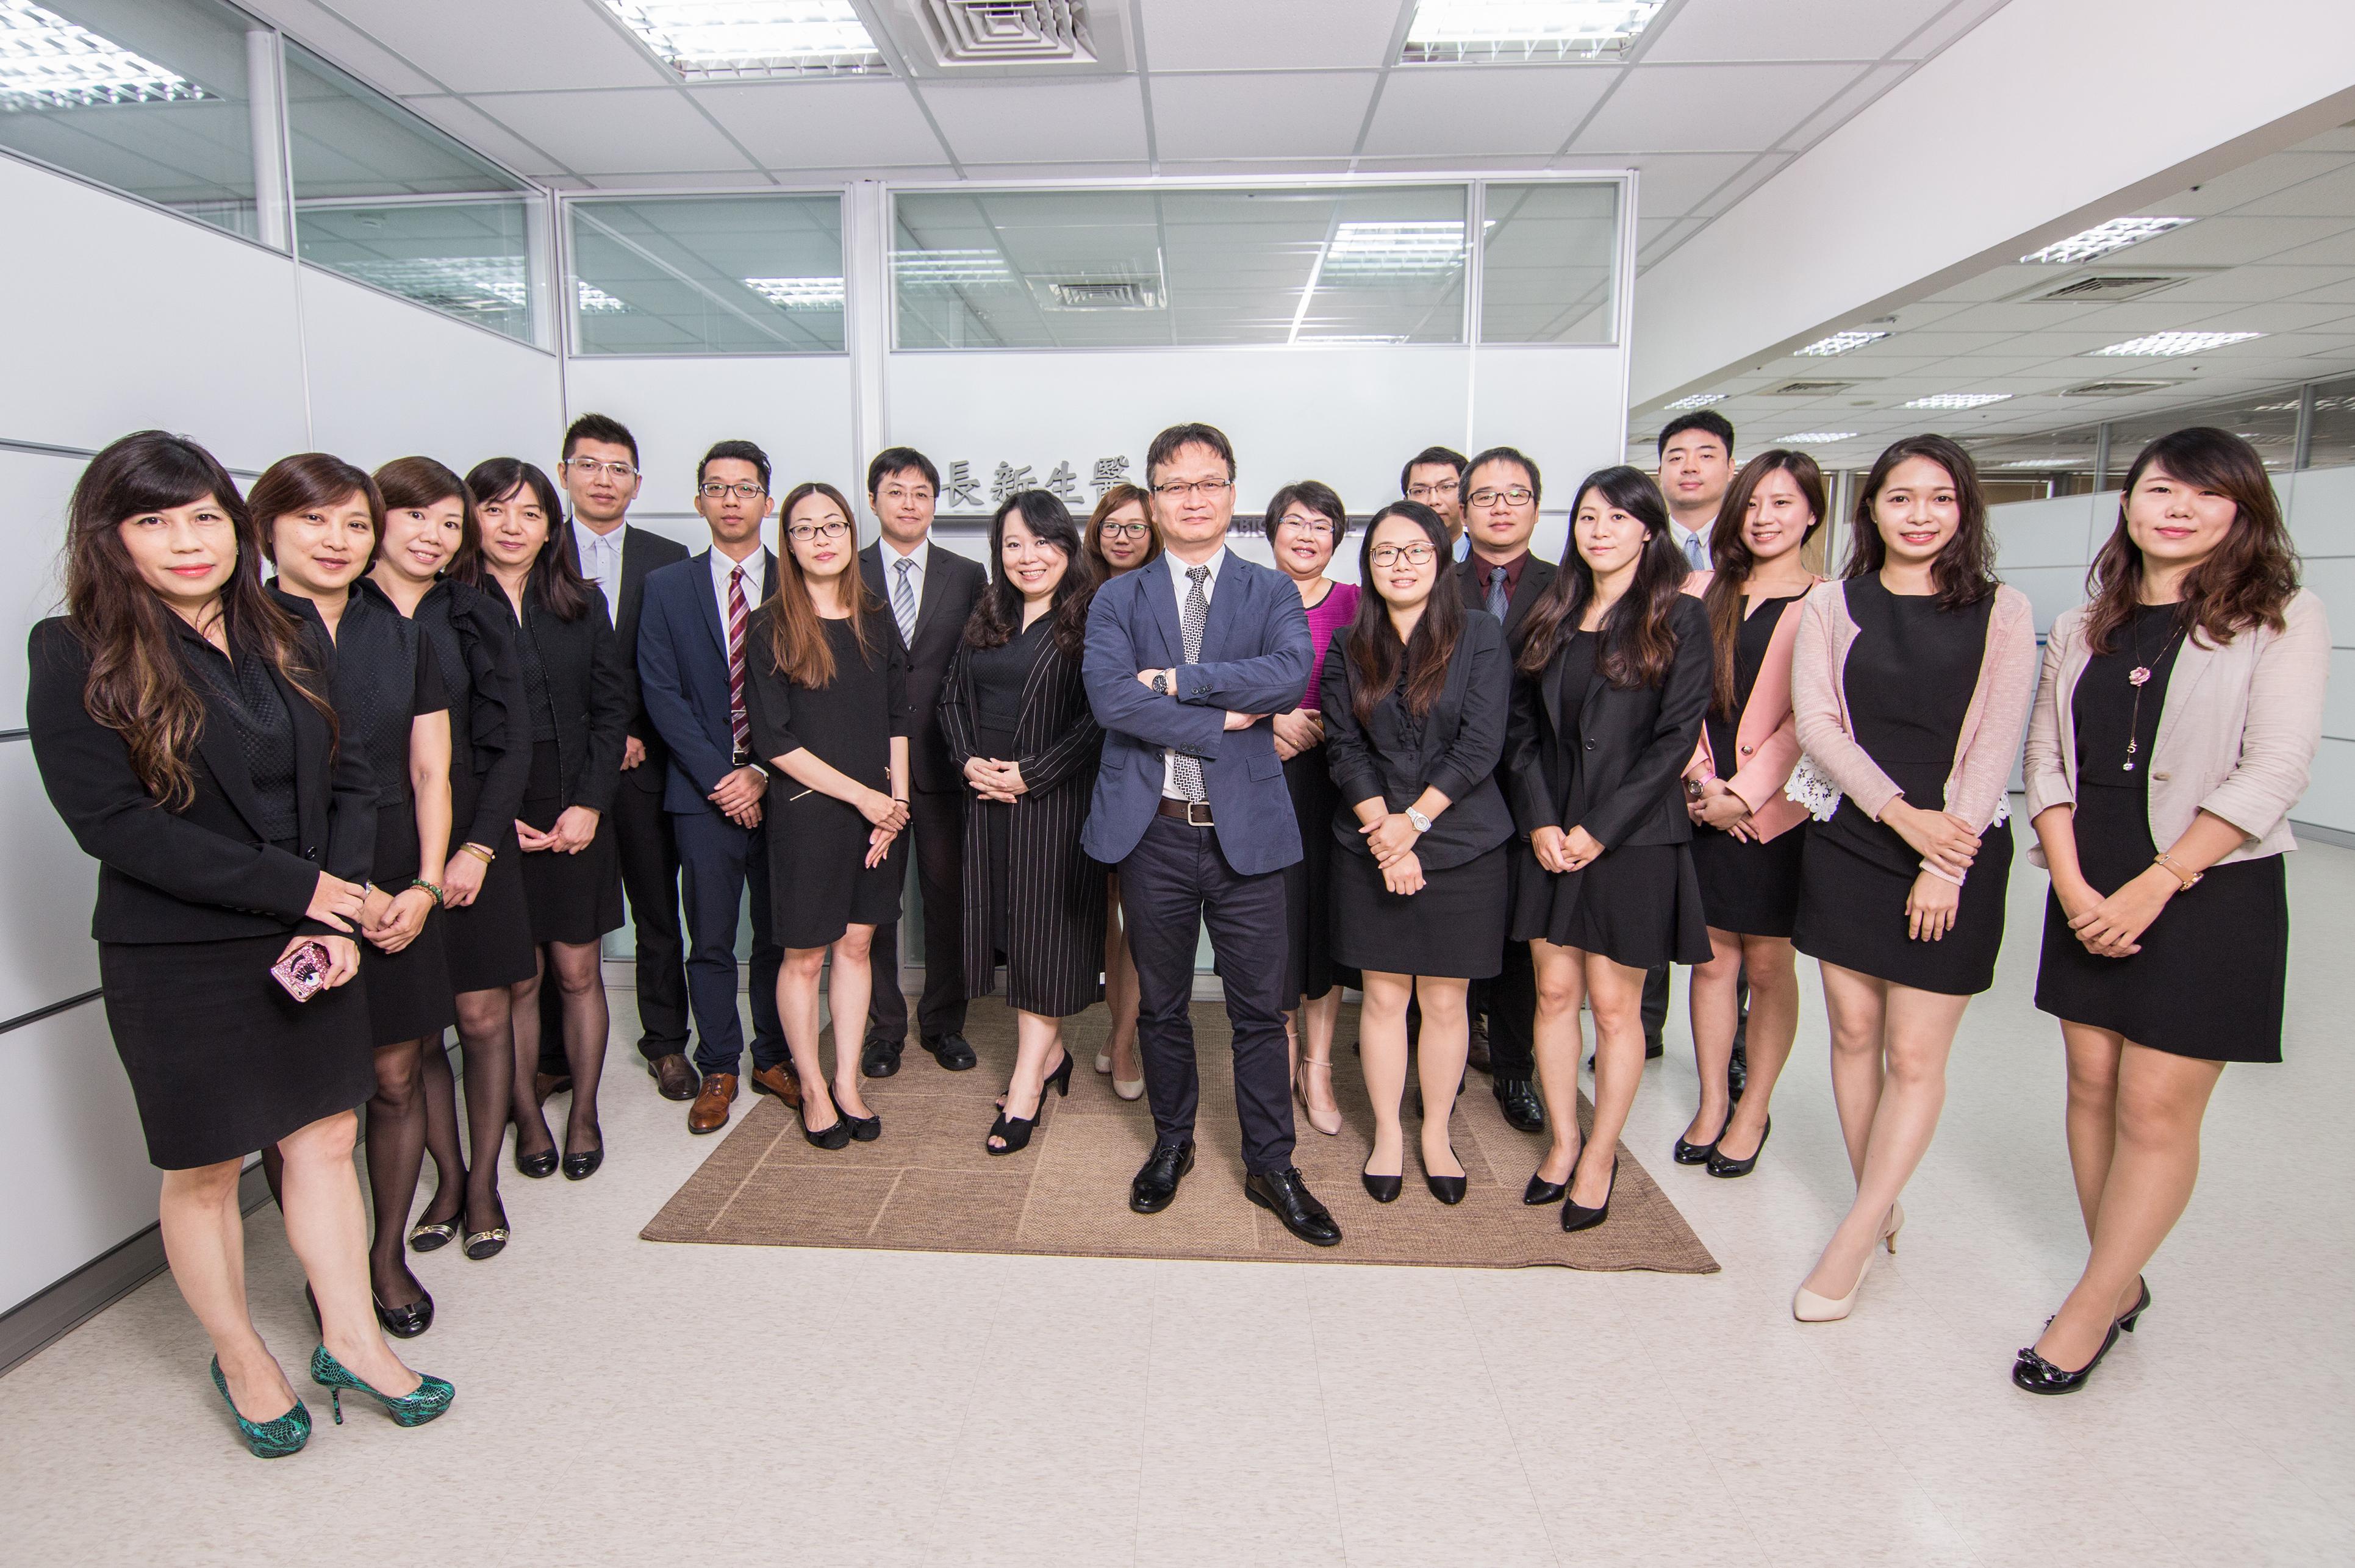 長新生醫的行政經營團隊,位於中間的為長新生醫總經理 李友錚博士